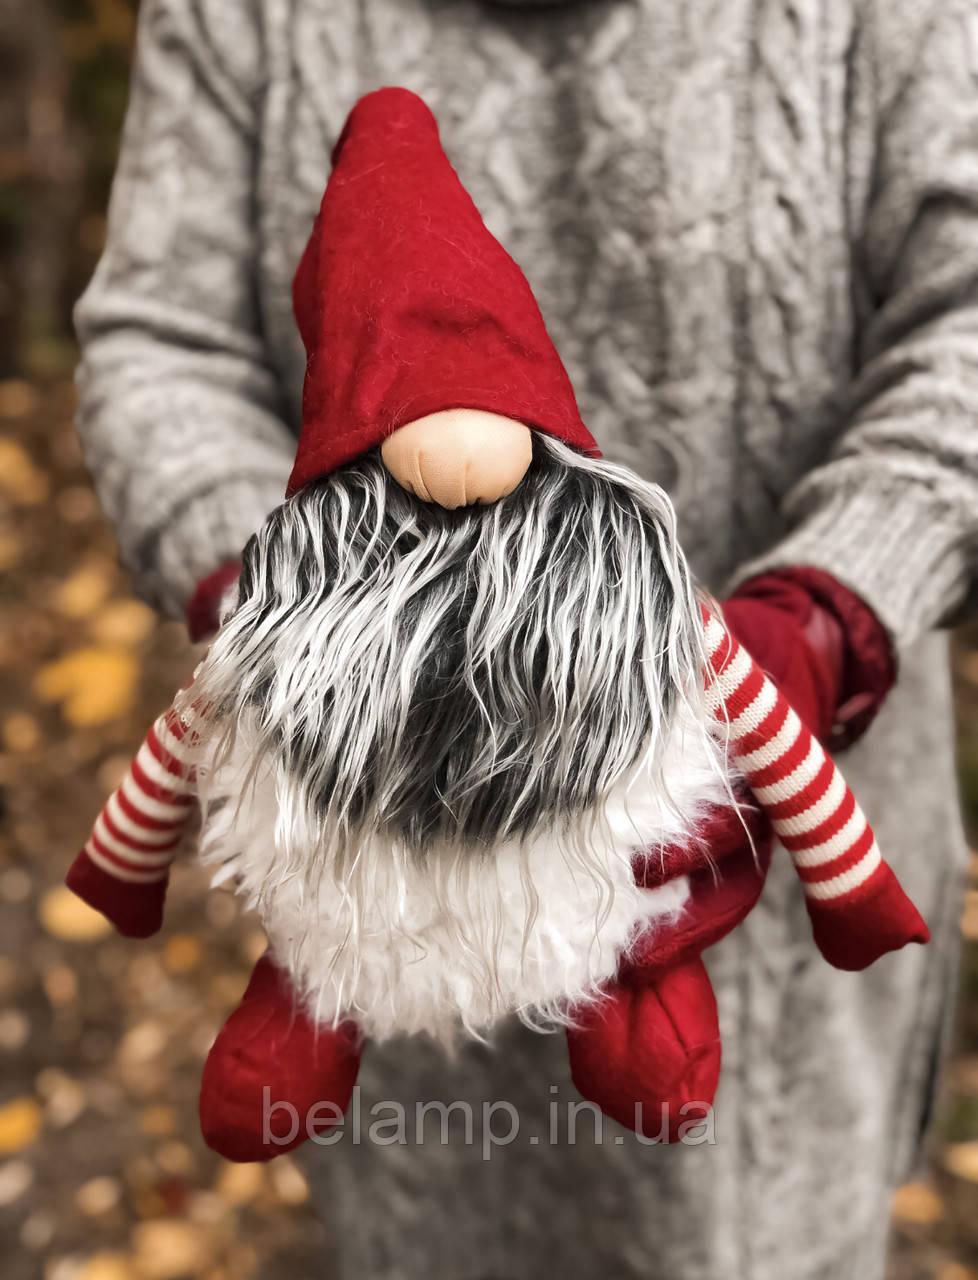 Новогоднее украшение «Огромный гном». красный